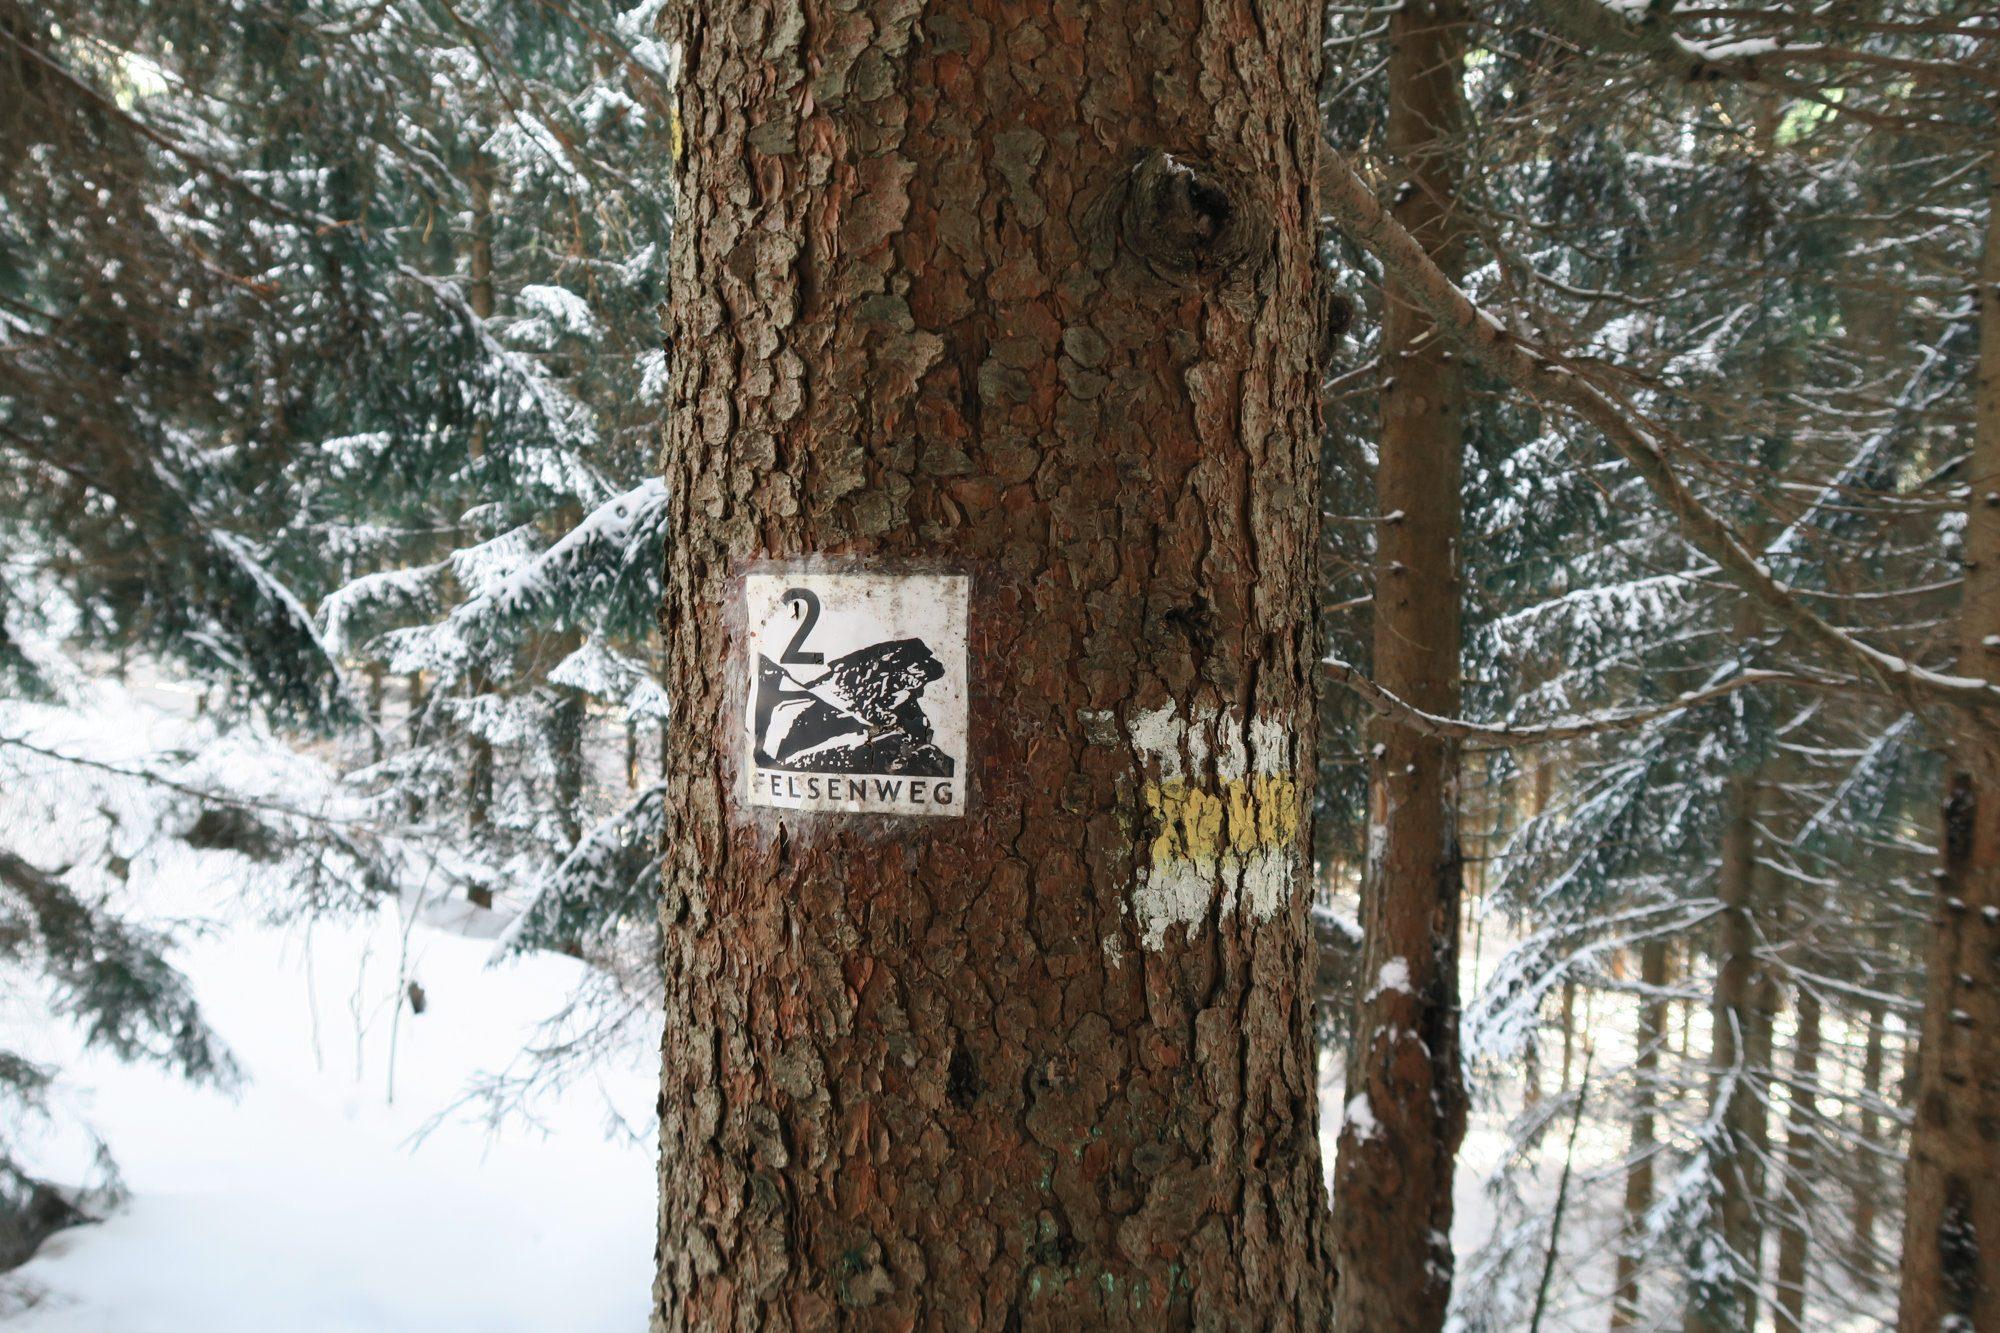 Wegmarkierung Felsenweg. Winterwandern im Vogtland, Felsenweg, Grünbach